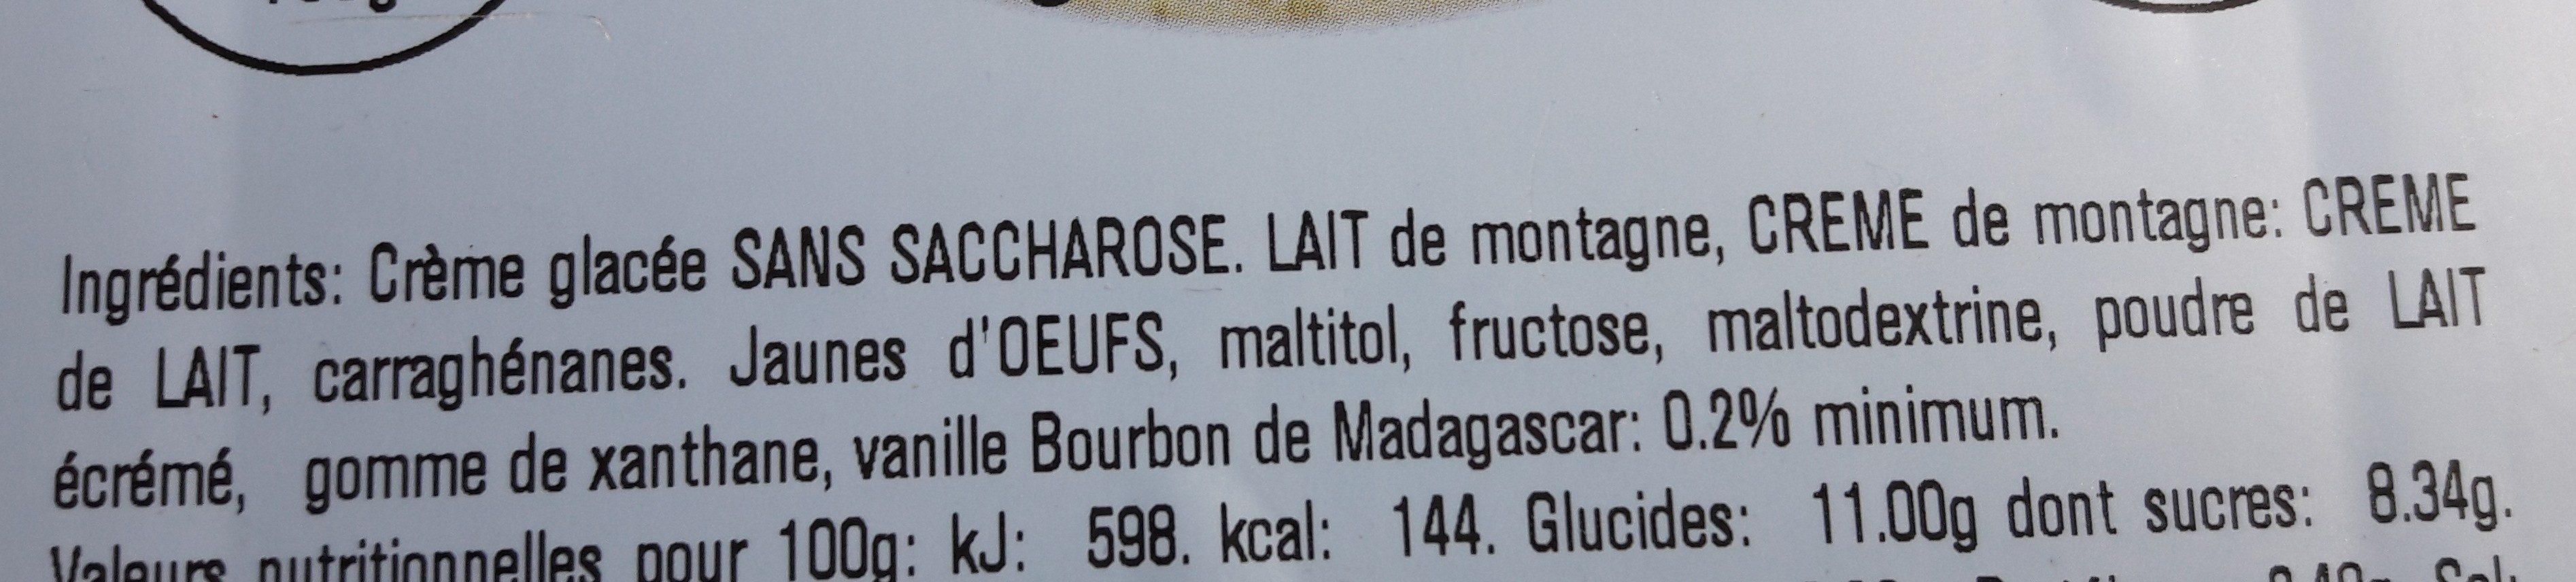 Crème glacée vanille bourbon sans sucre - Ingrédients